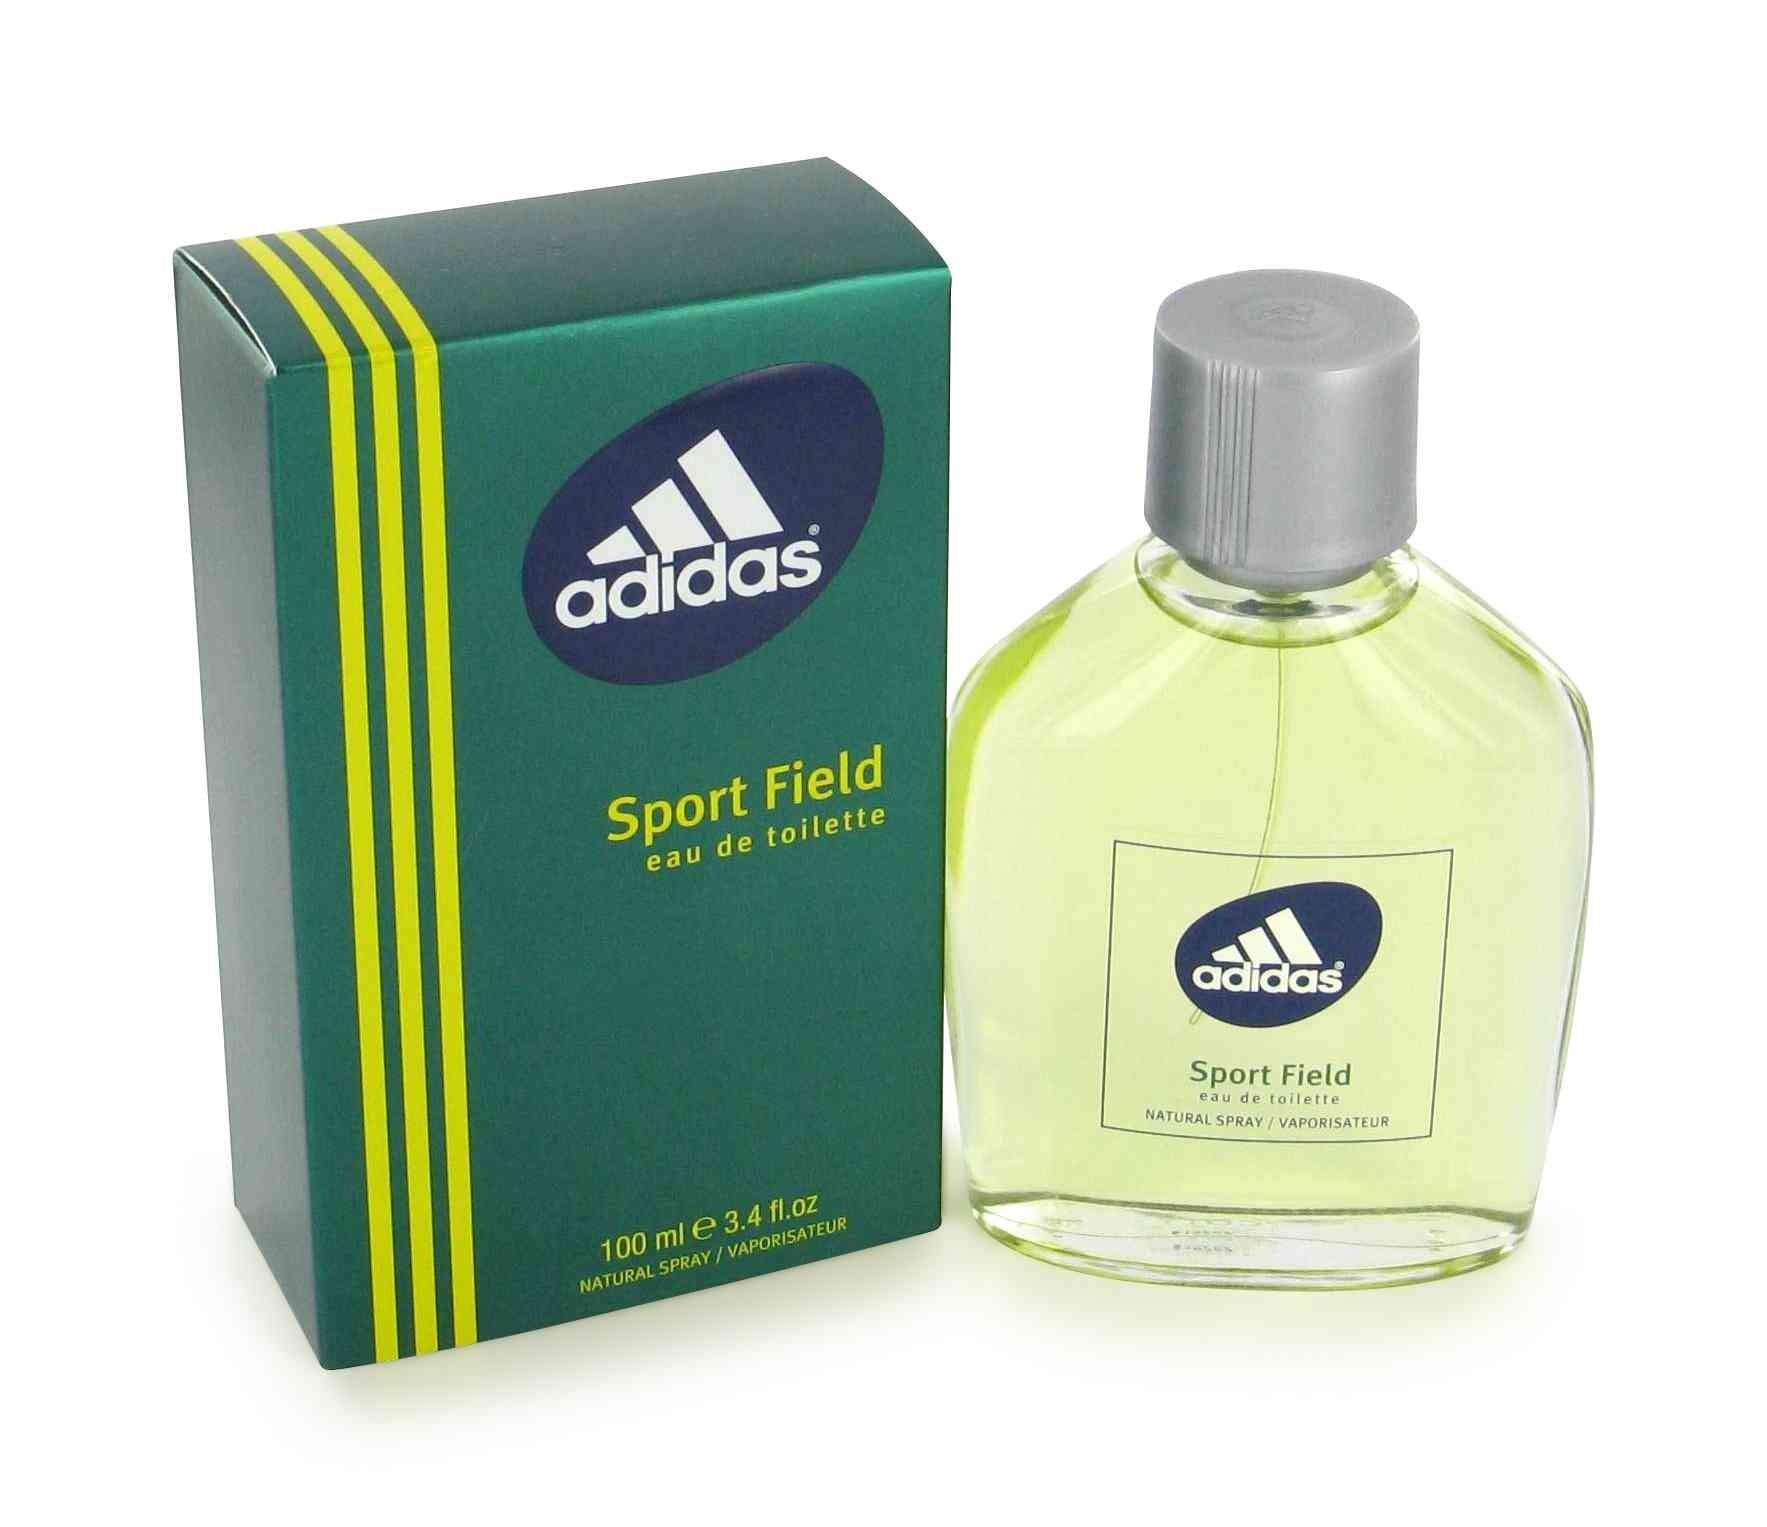 Adidas Sport Field аромат для мужчин